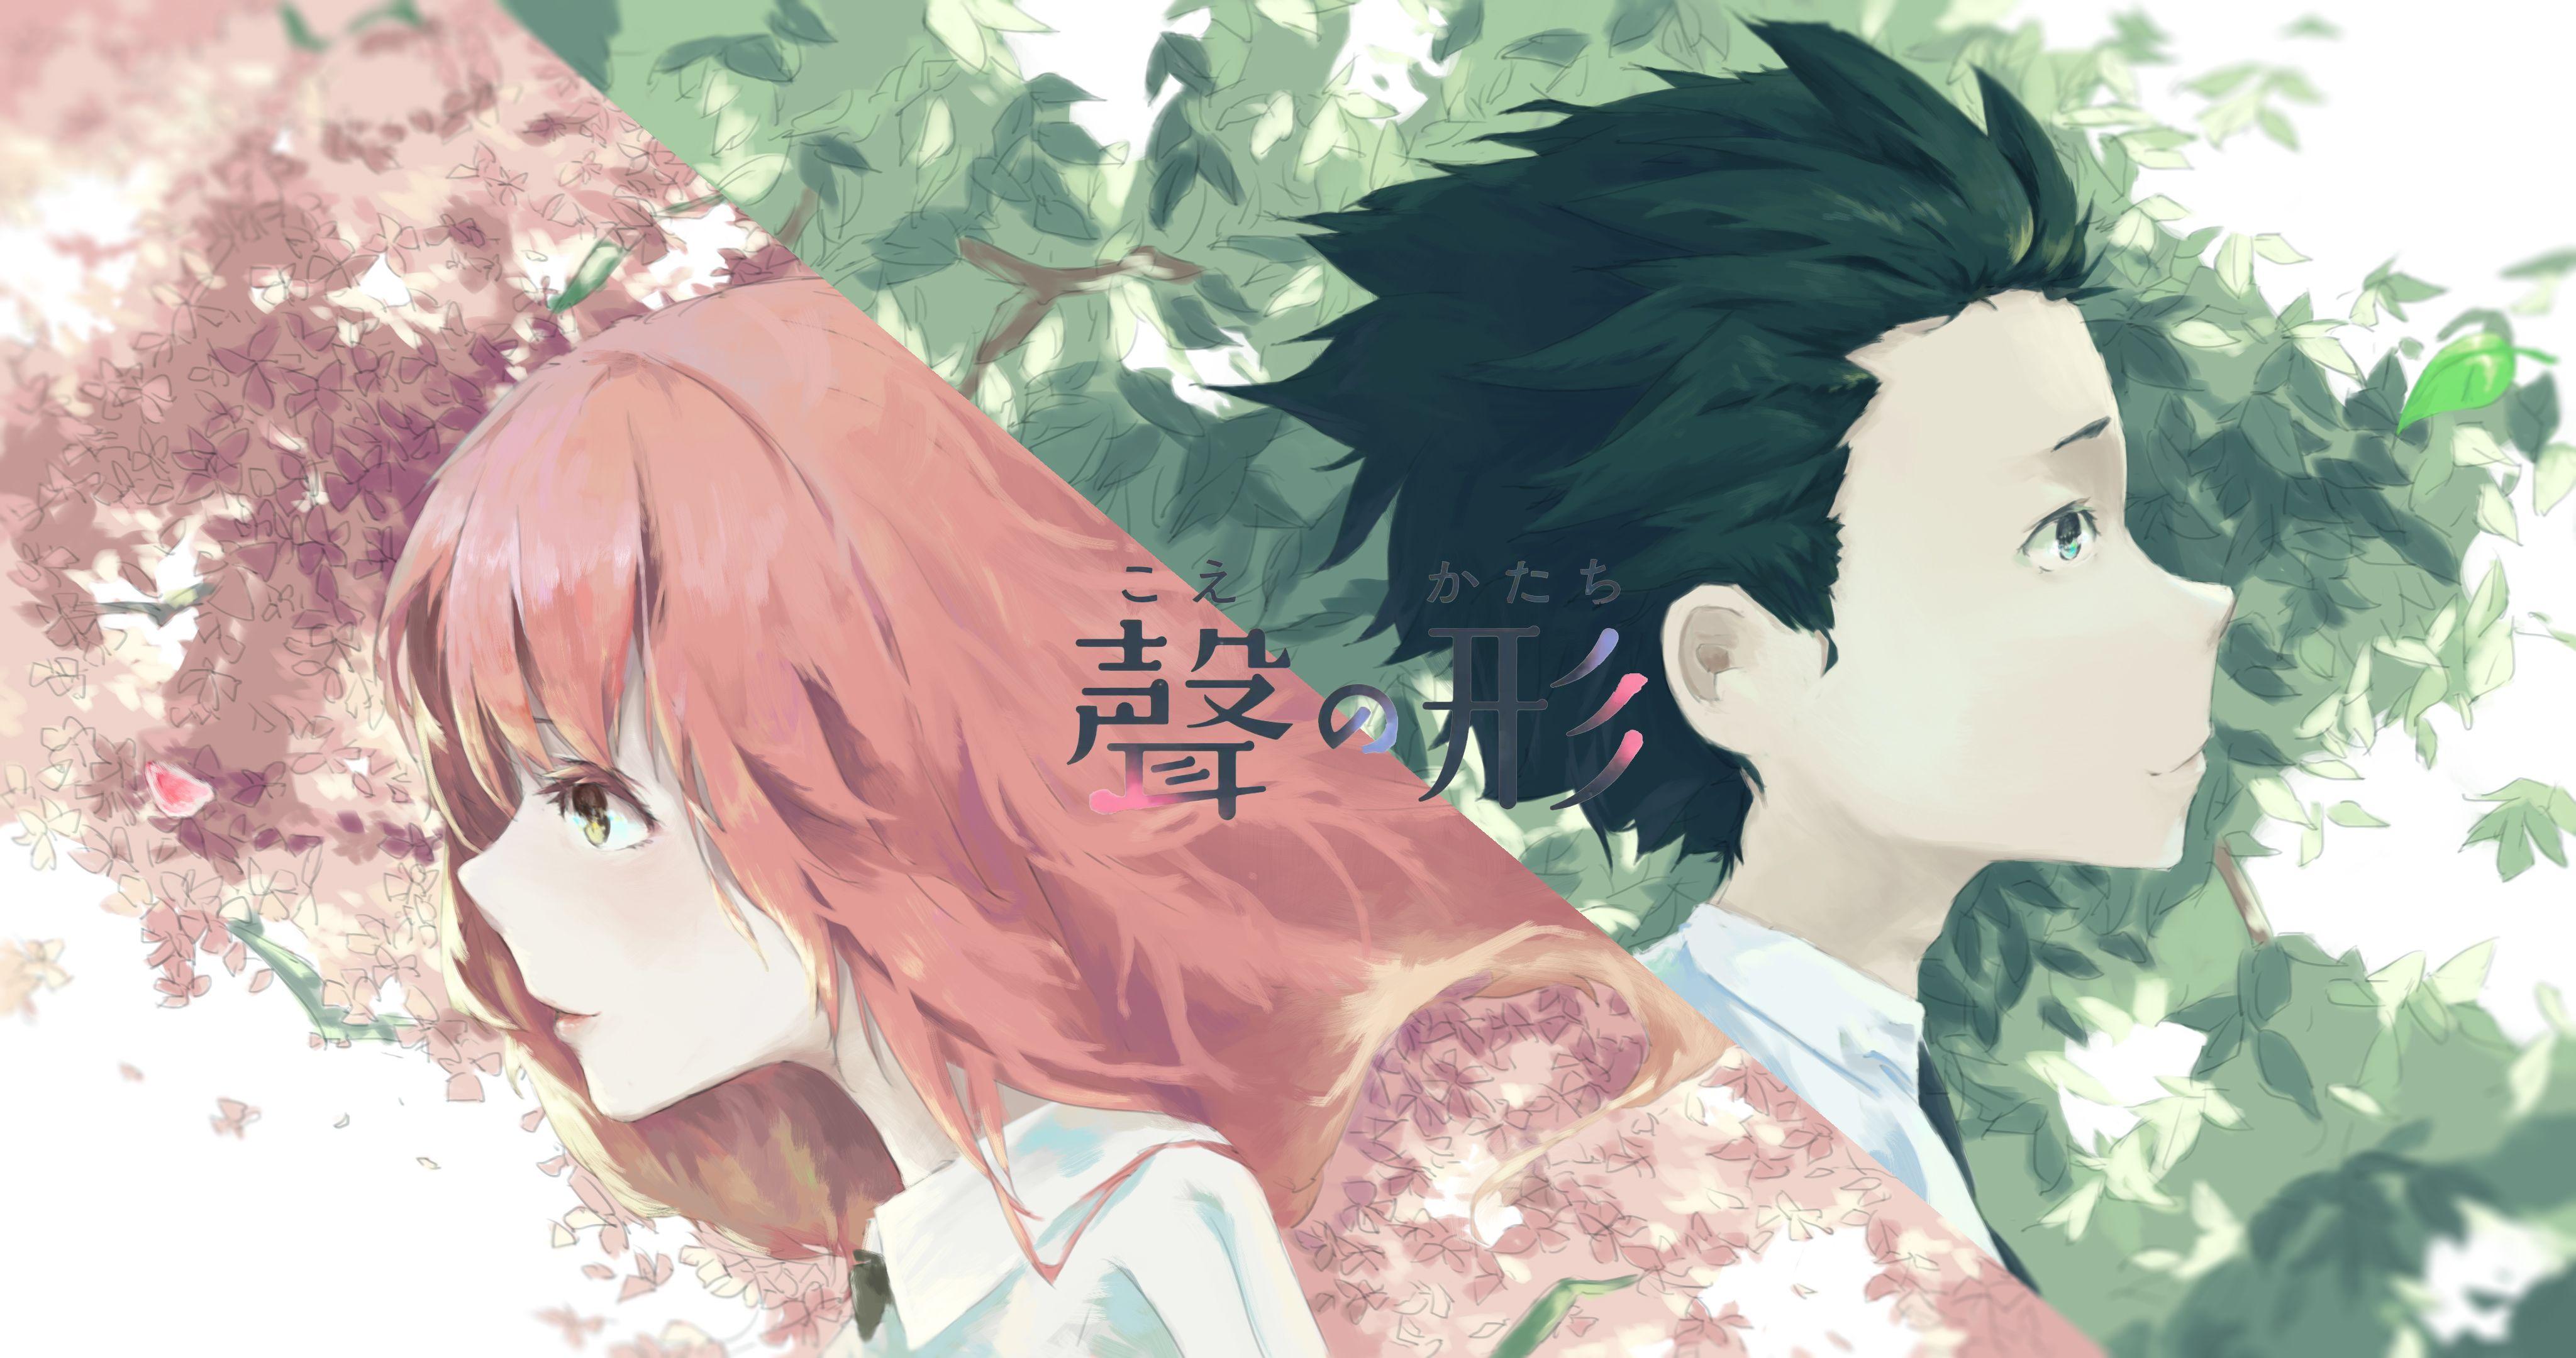 Resultado de imagem para koe no katachi wallpaper